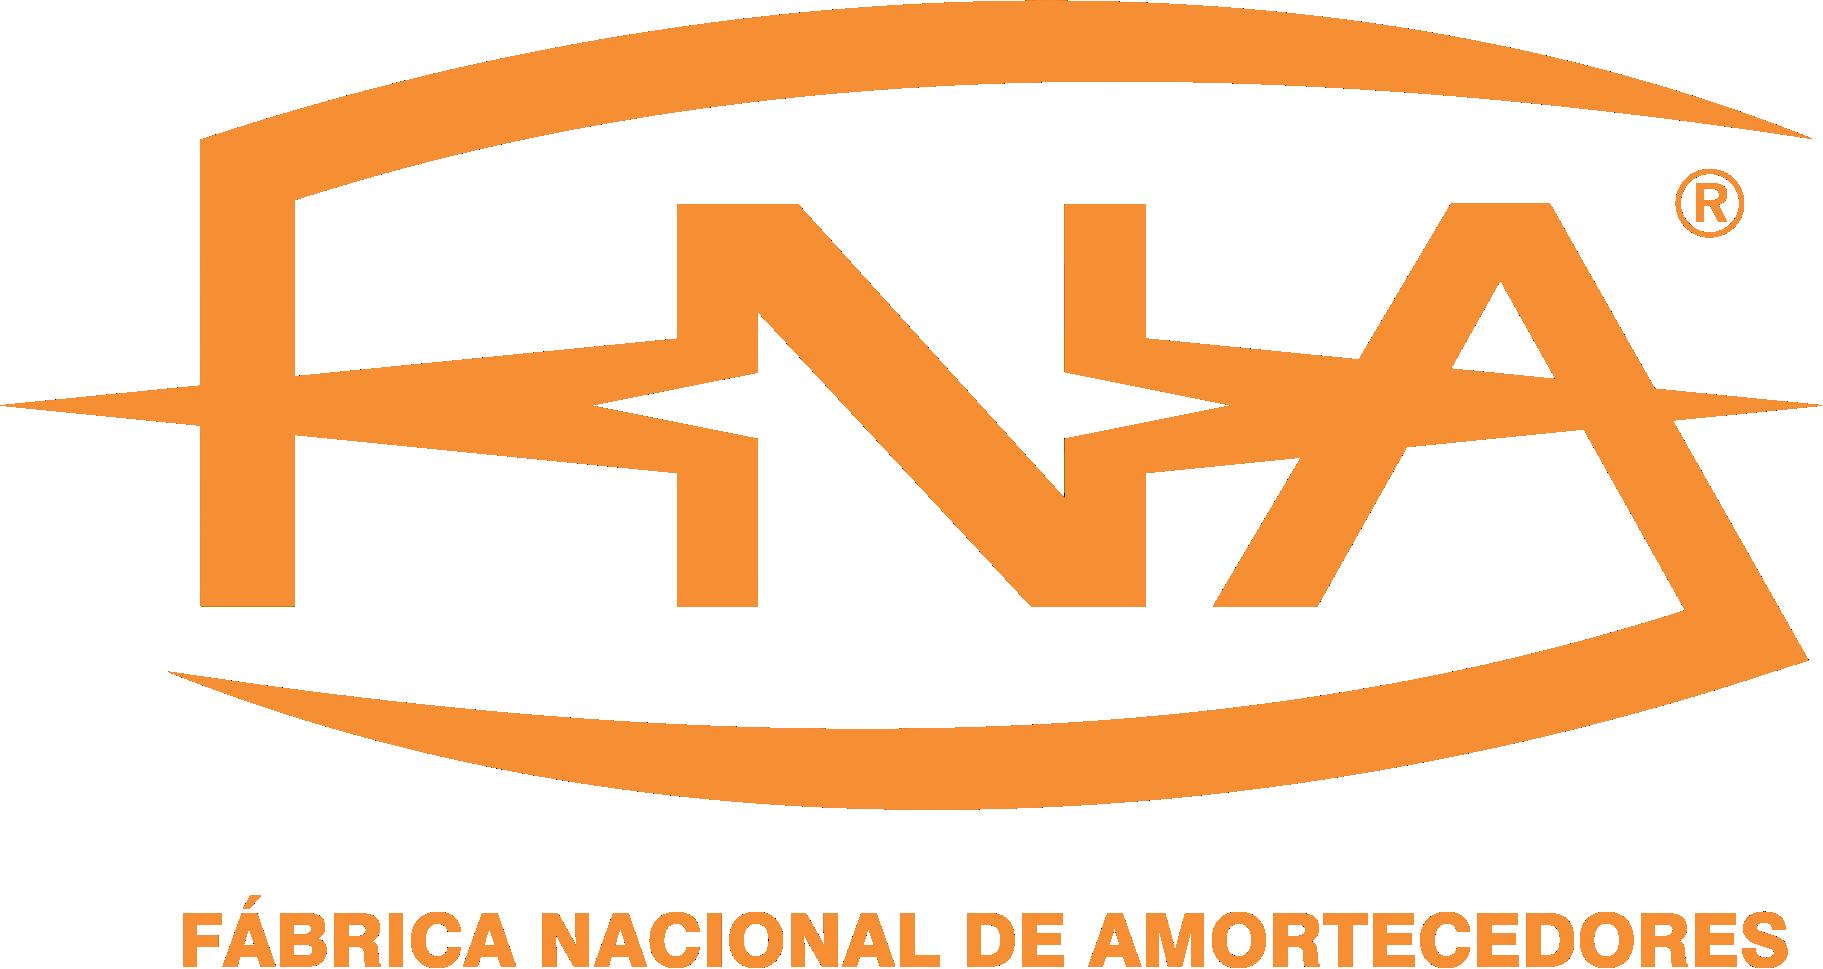 FNA Fábrica Nacional De Amortecedores